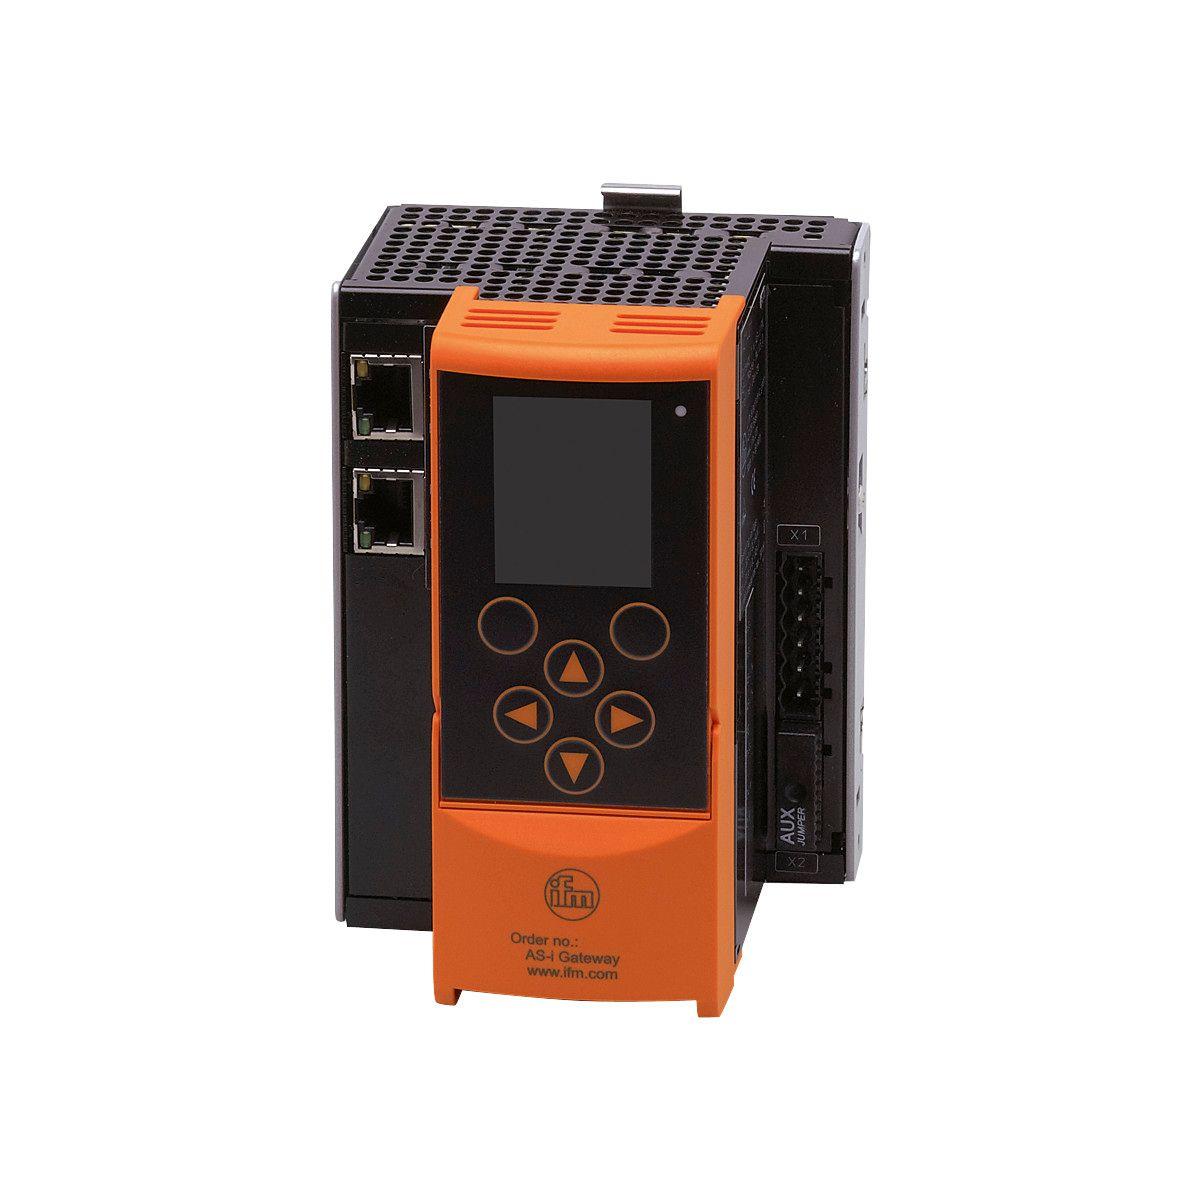 AC1422/AS-i Gateway 2Master EIP / ราคา